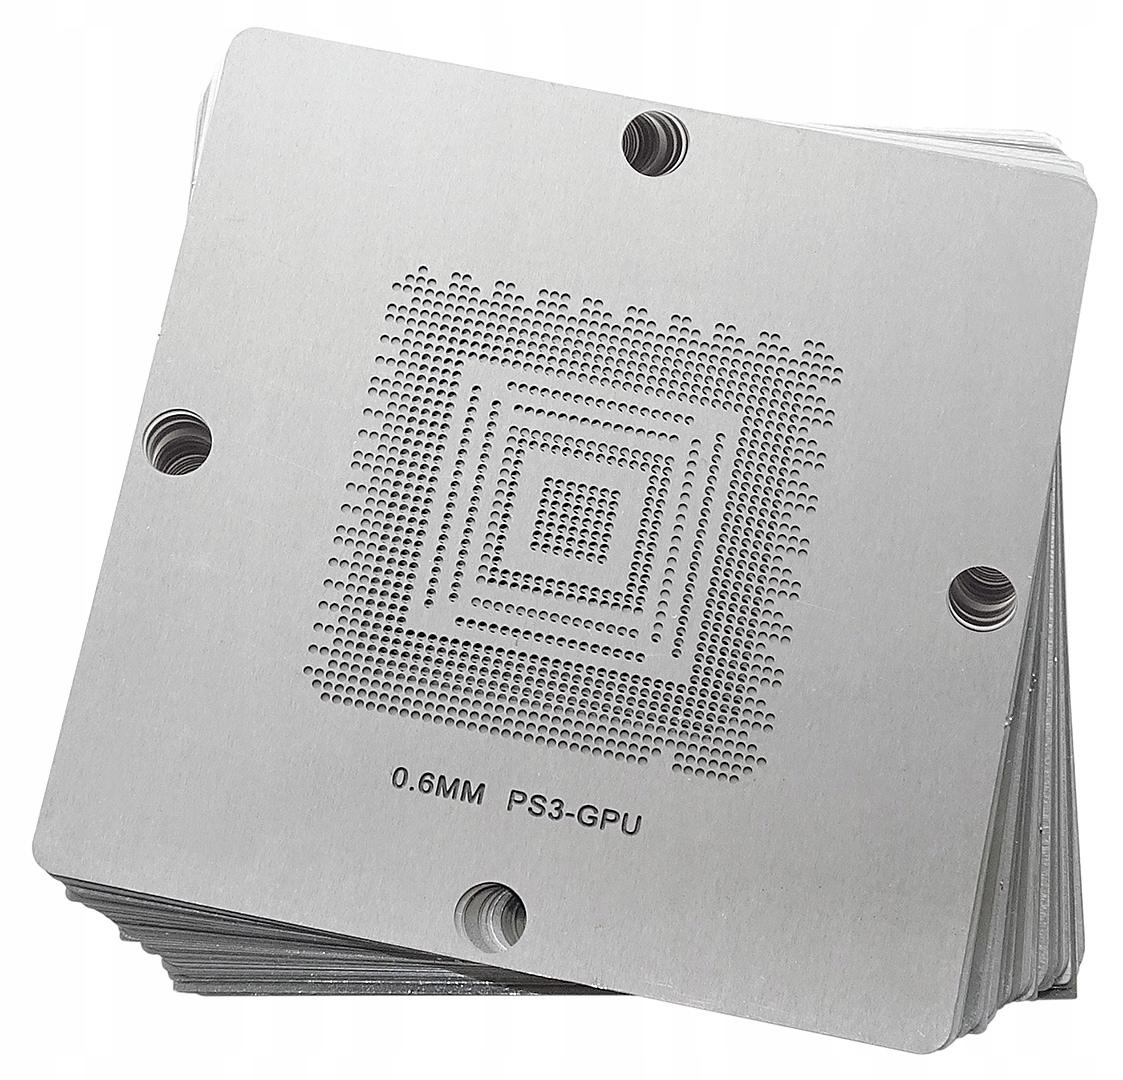 SADA OBRAZOVIEK BGA 80mm XBOX PS3 WII 23x KONZOLY